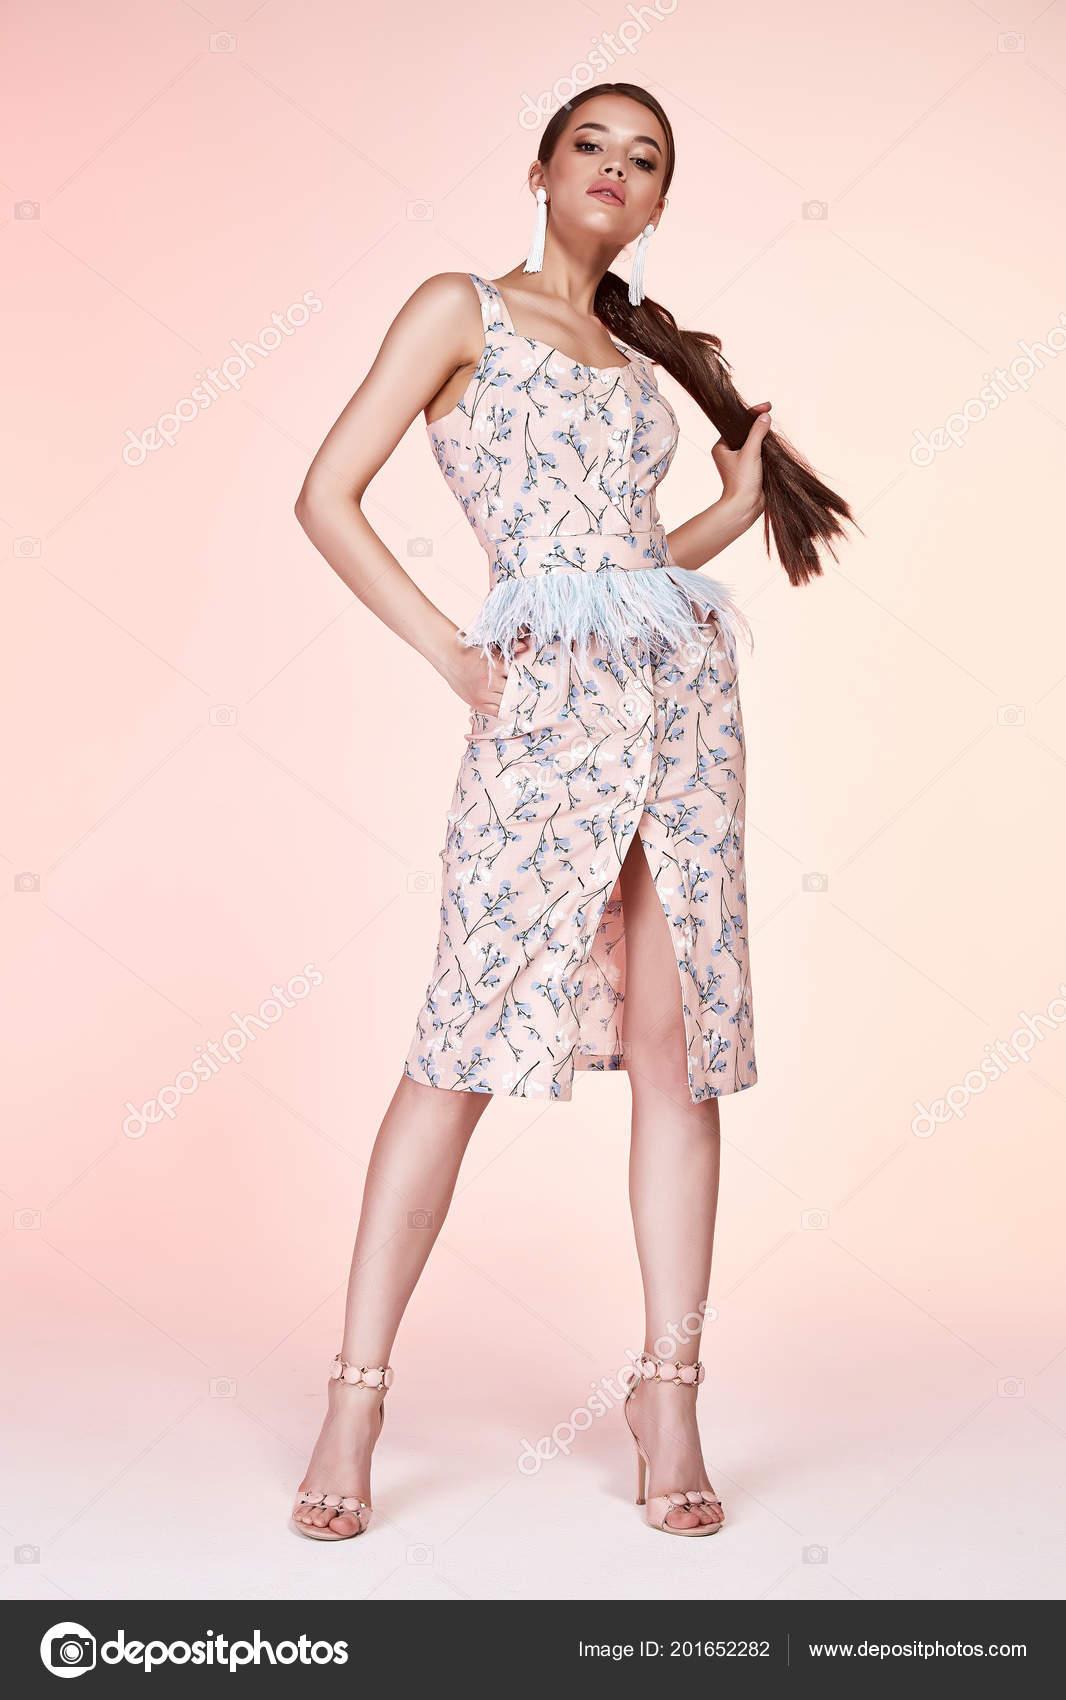 6bc46f36636a Сексуальная красоты женщина красивое лицо загар кожи одежда белый красочное  платье длиной макияж косметической Дресс-код коллекции студии каталог  брюнетка ...